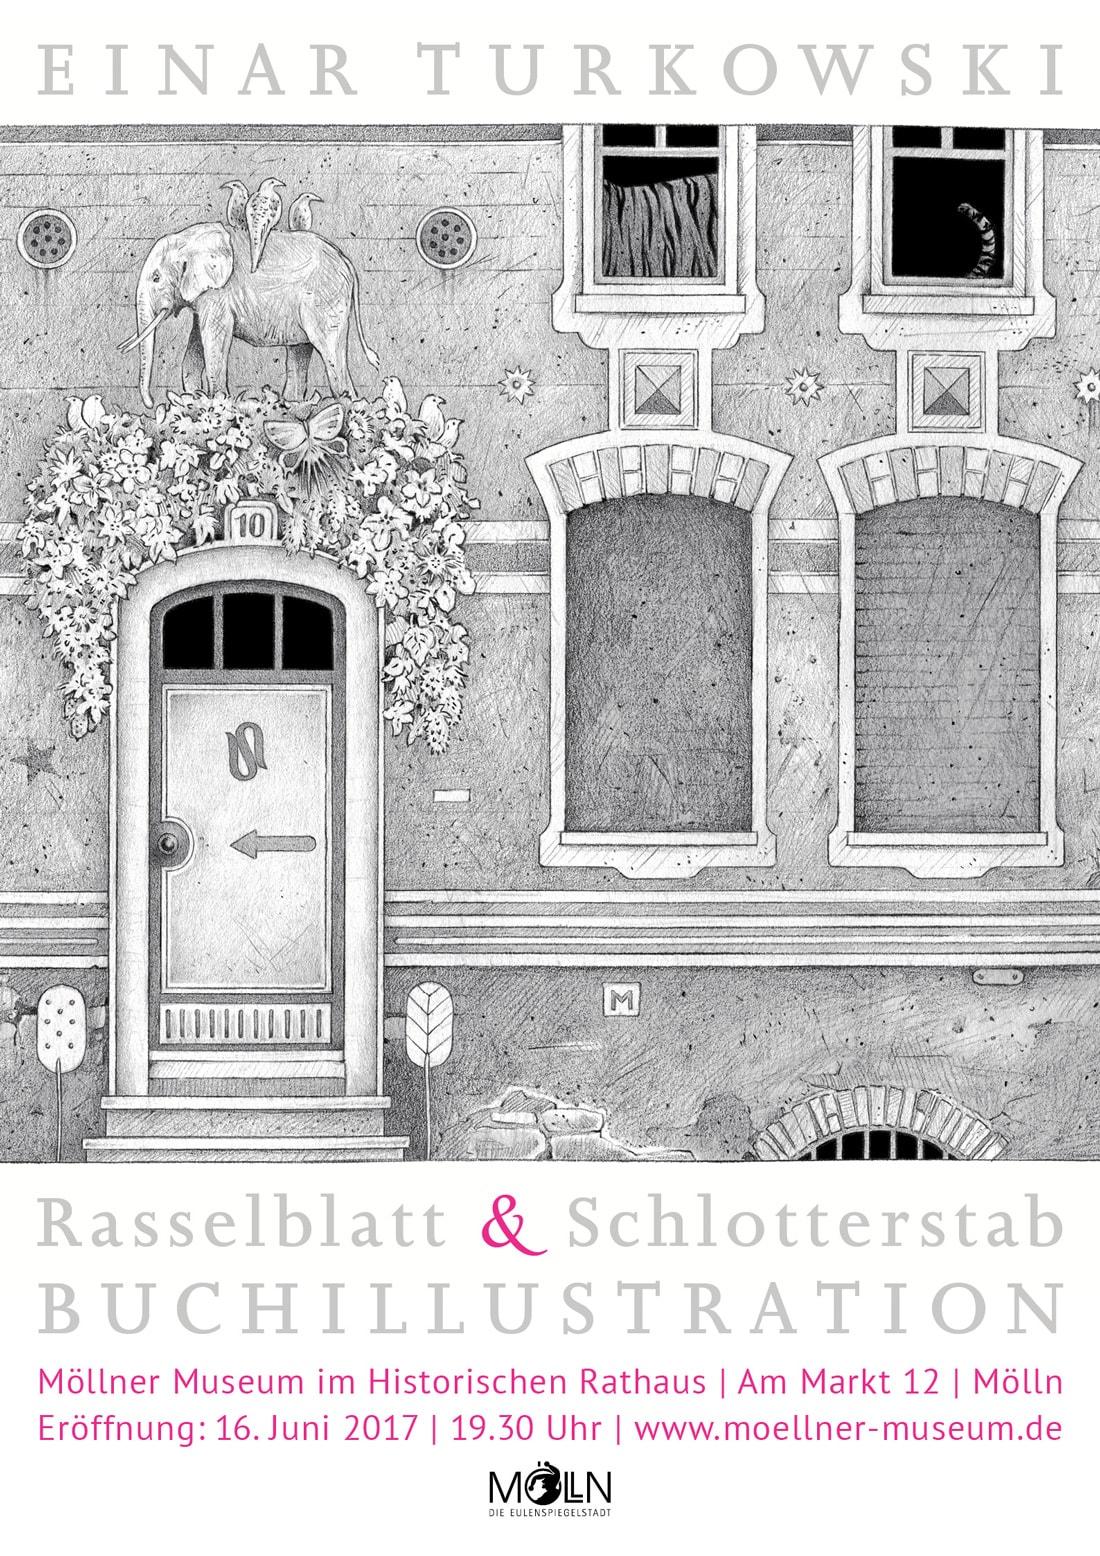 Plakat Ausstellung Rasselblatt und Schlotterstab Einar Turkowski